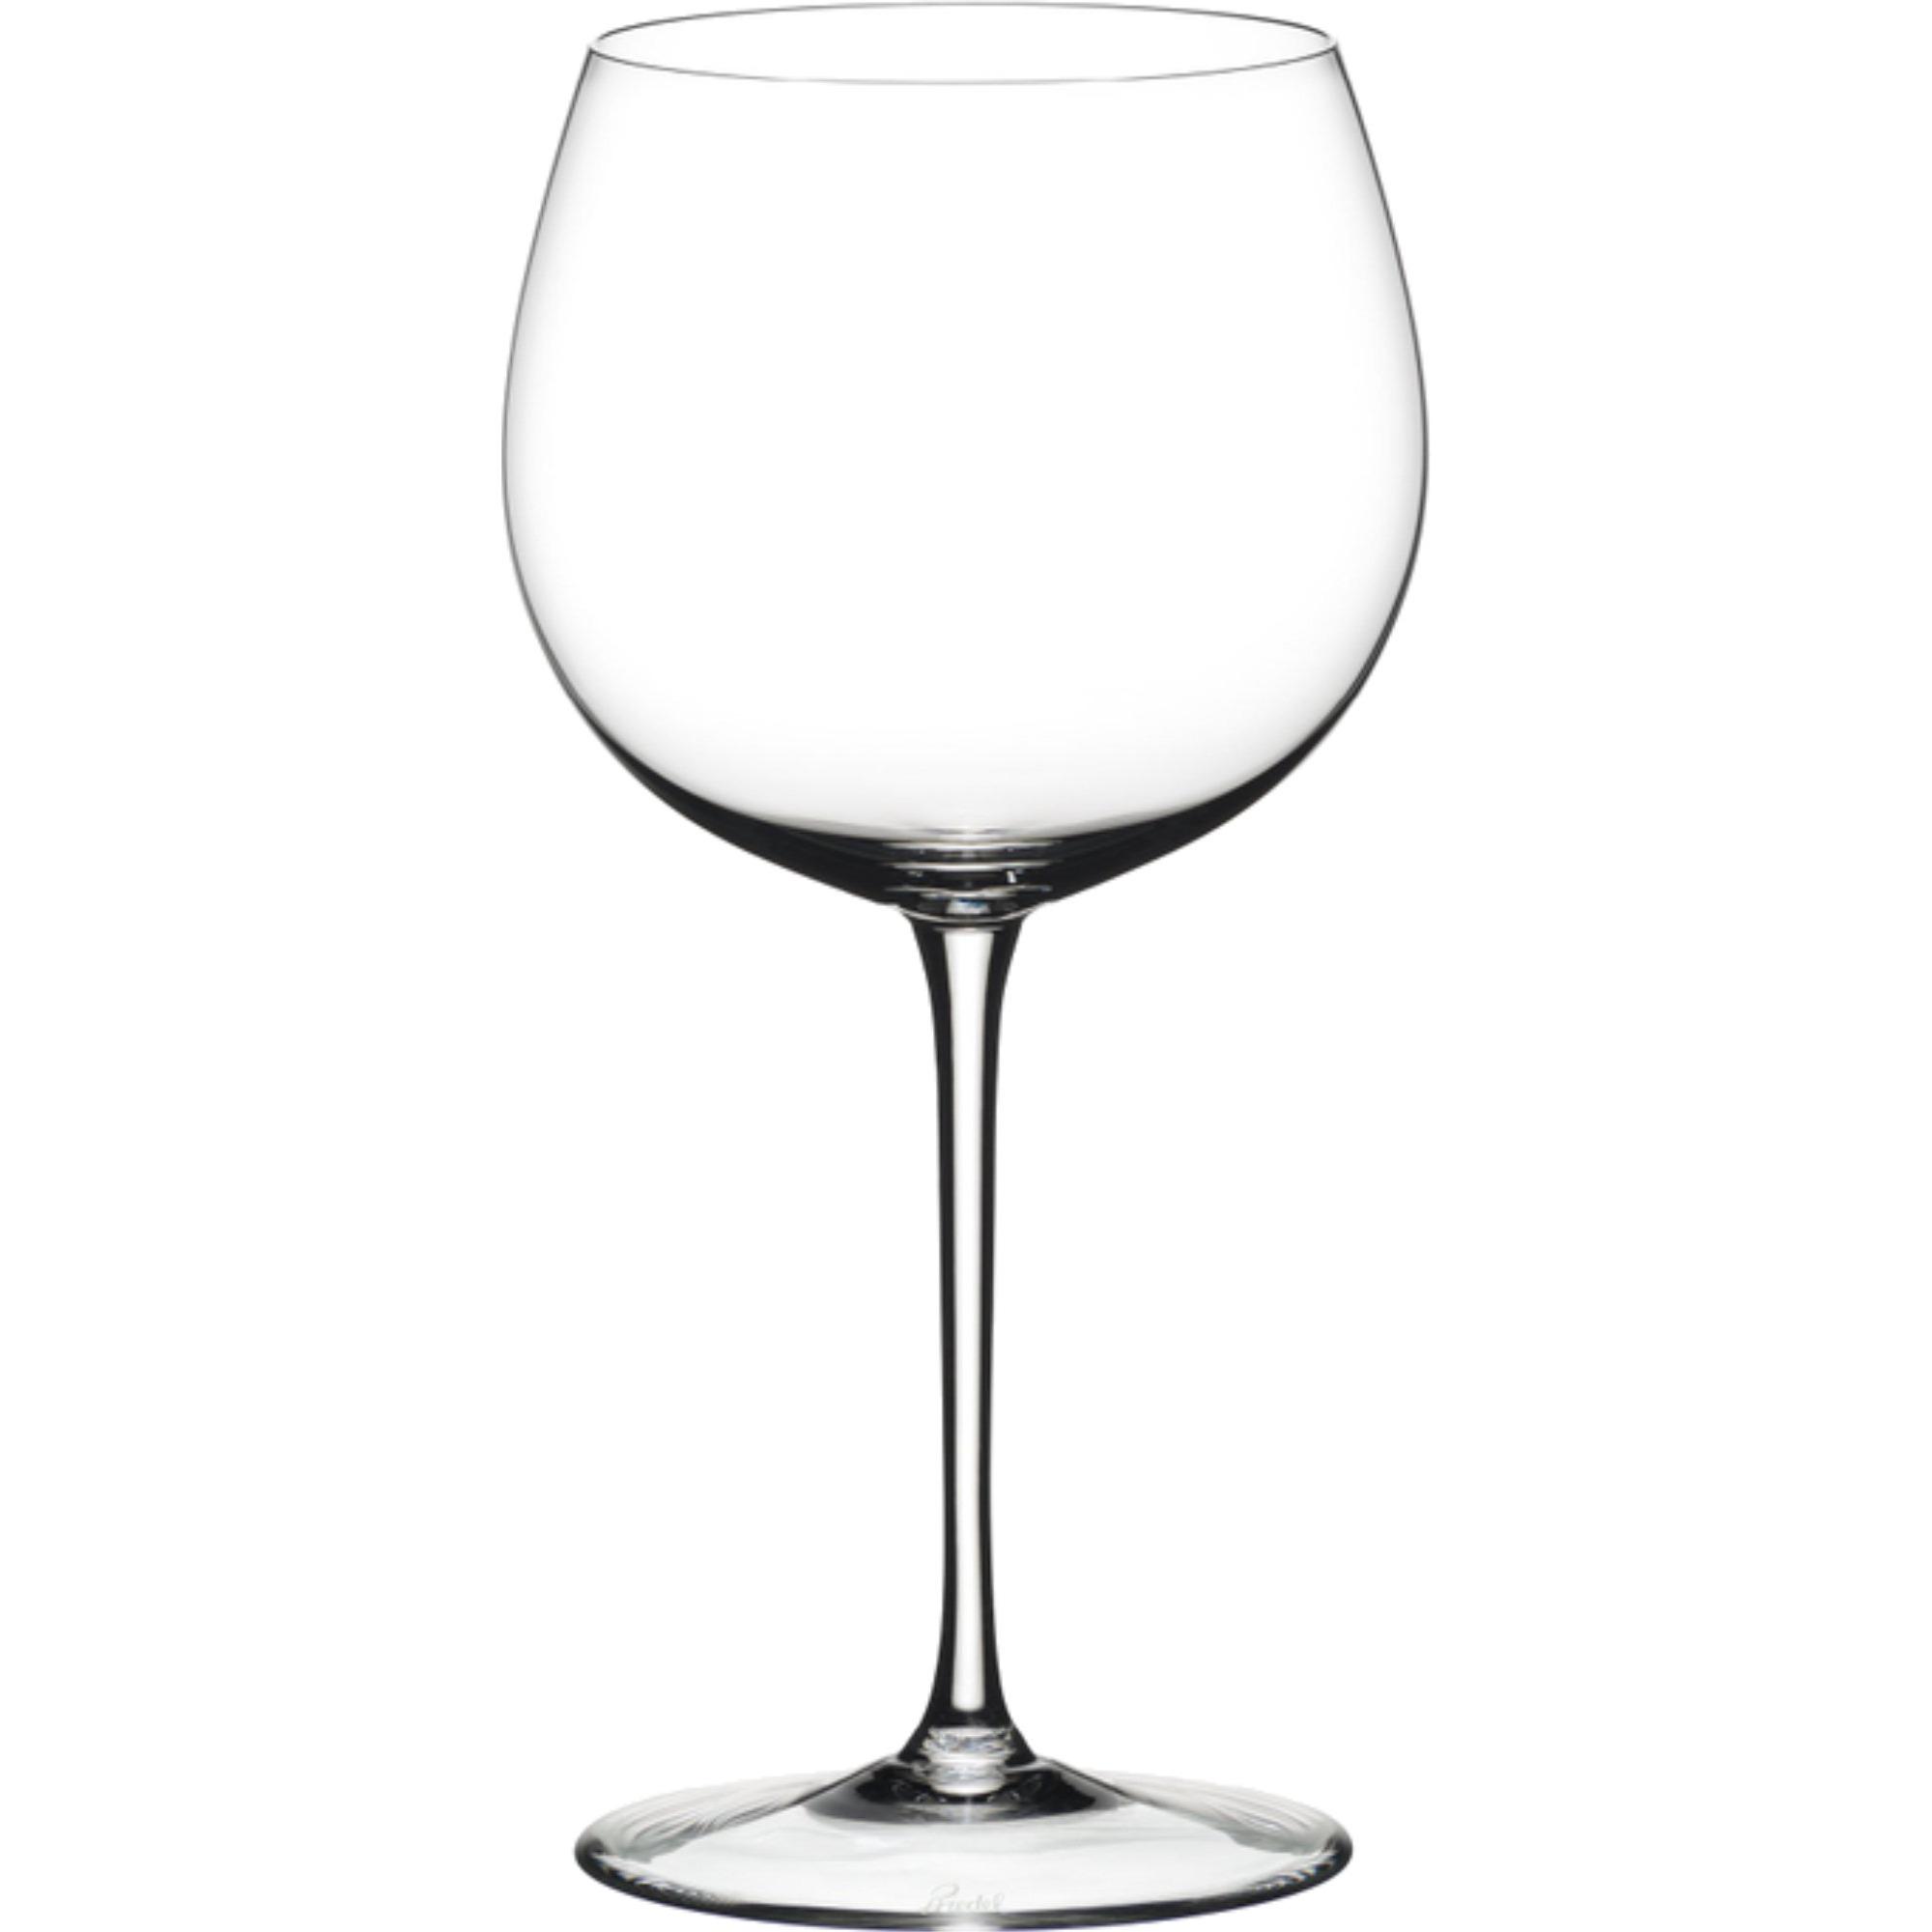 Riedel Sommelier Montrachet/Chardonnay Vinglas 52cl